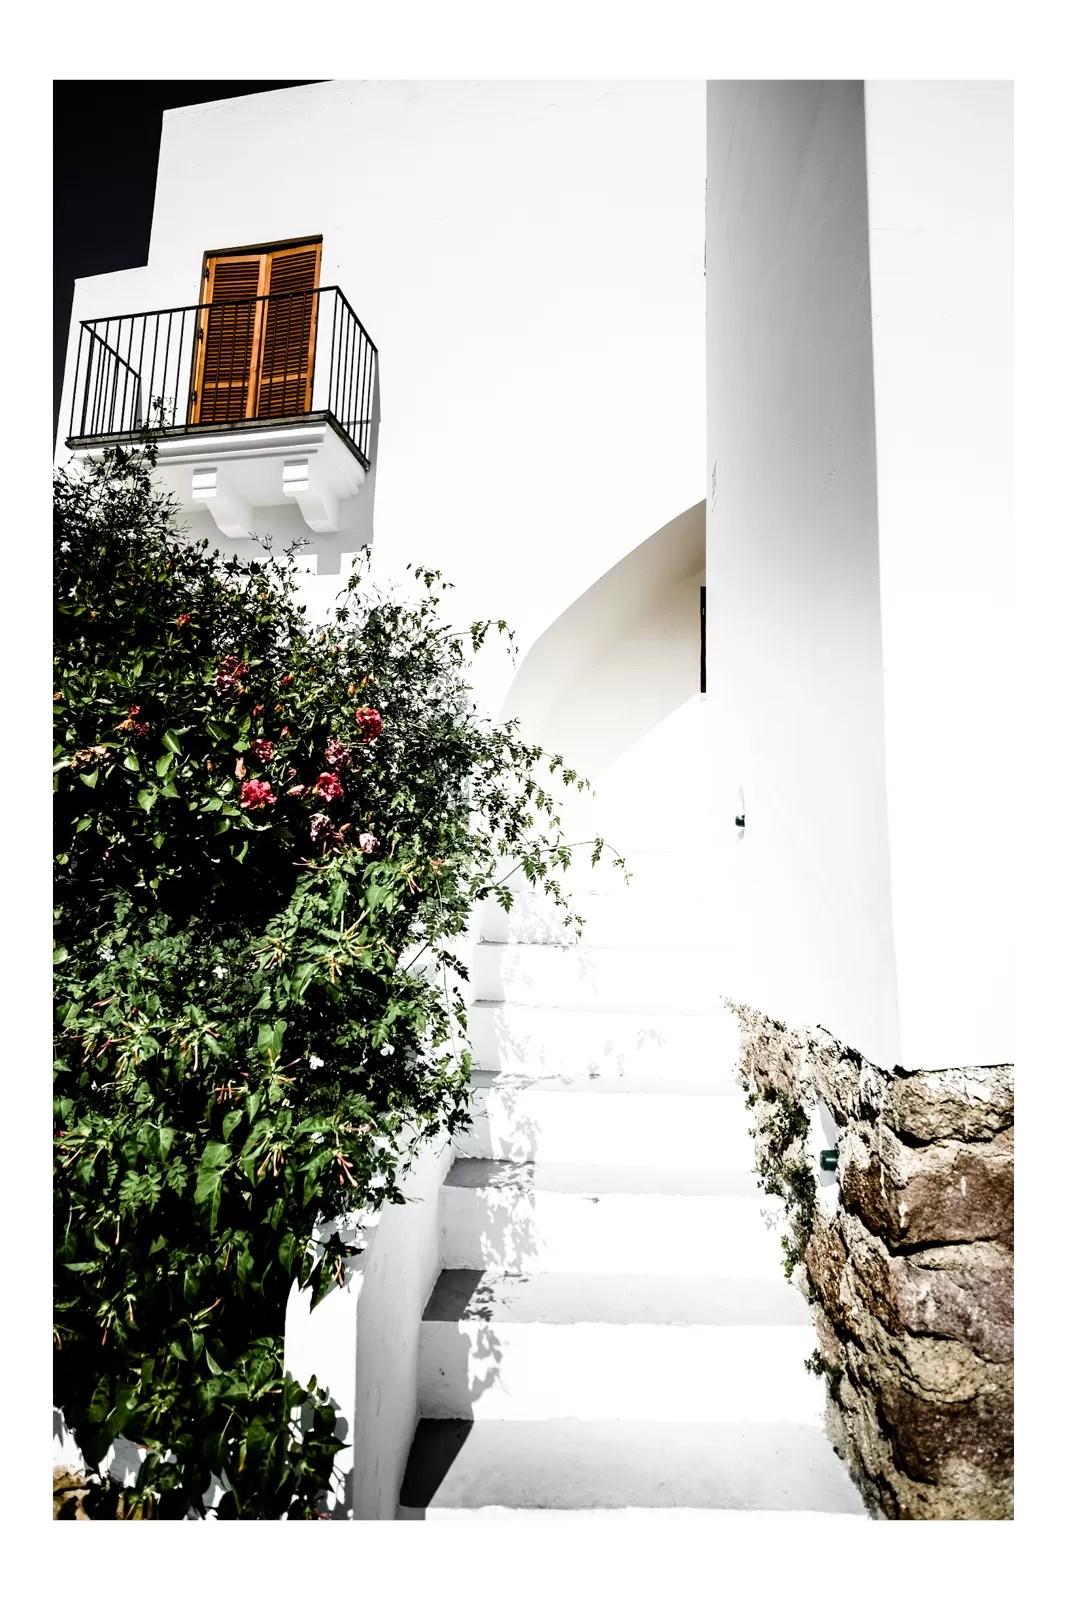 DSCF1351 - Aeolian Style - fotostreet.it